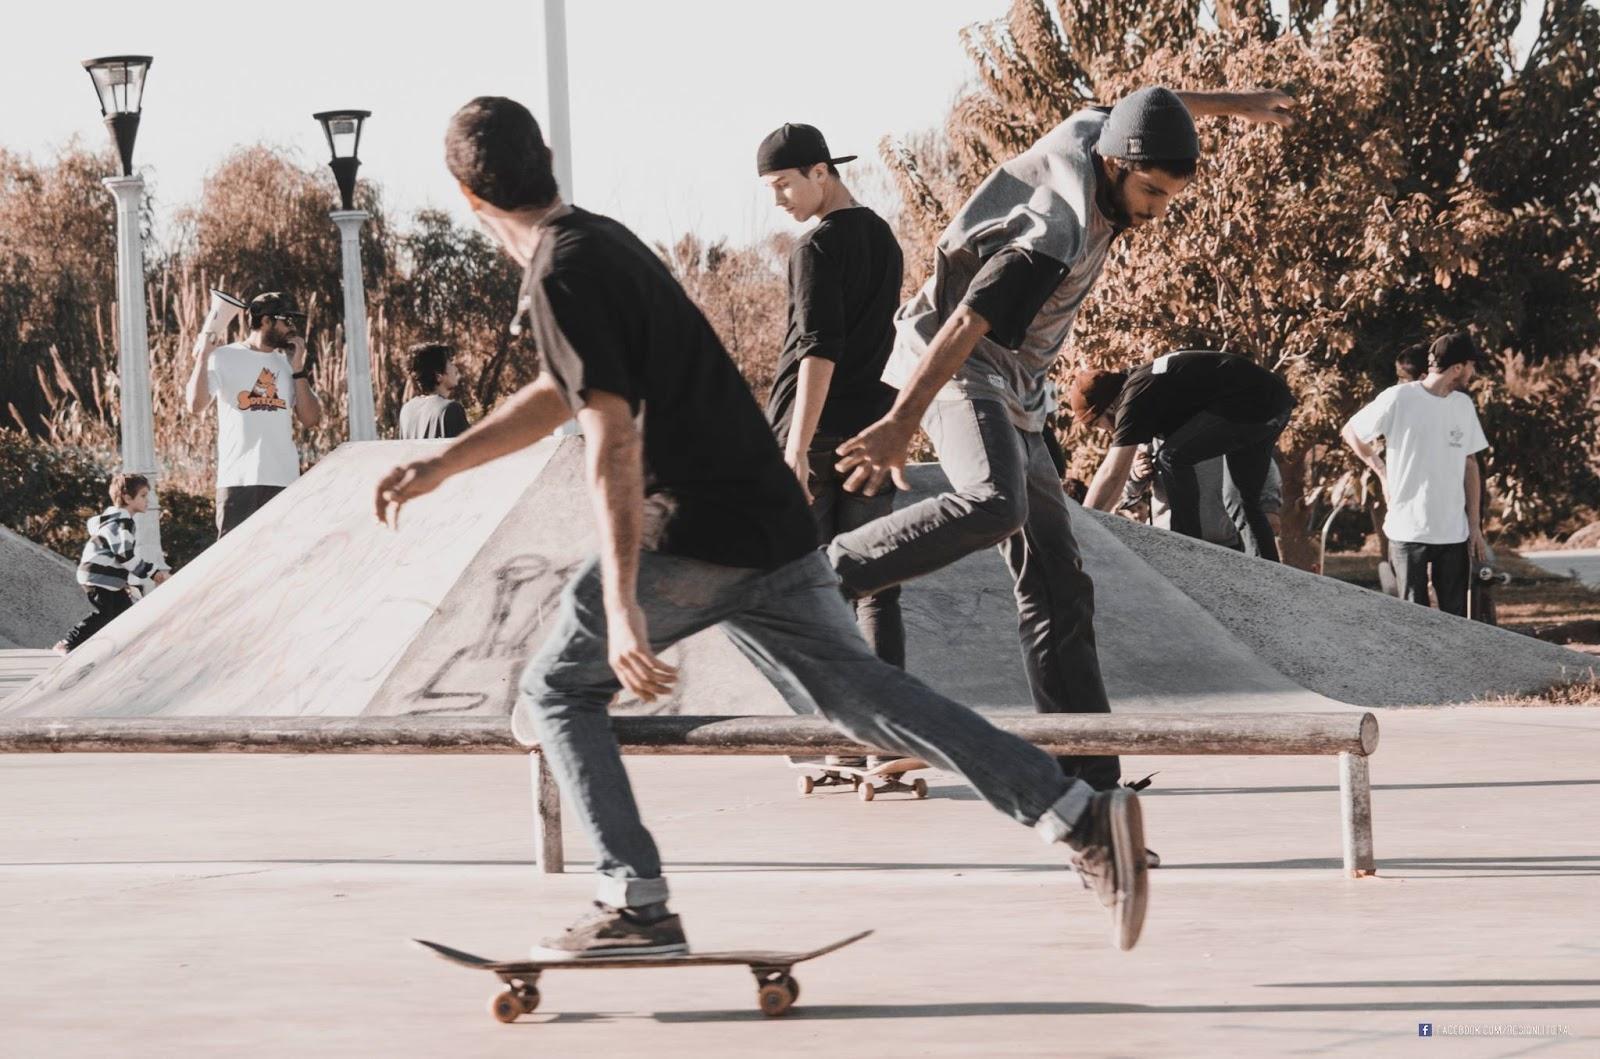 Skatepark Parana